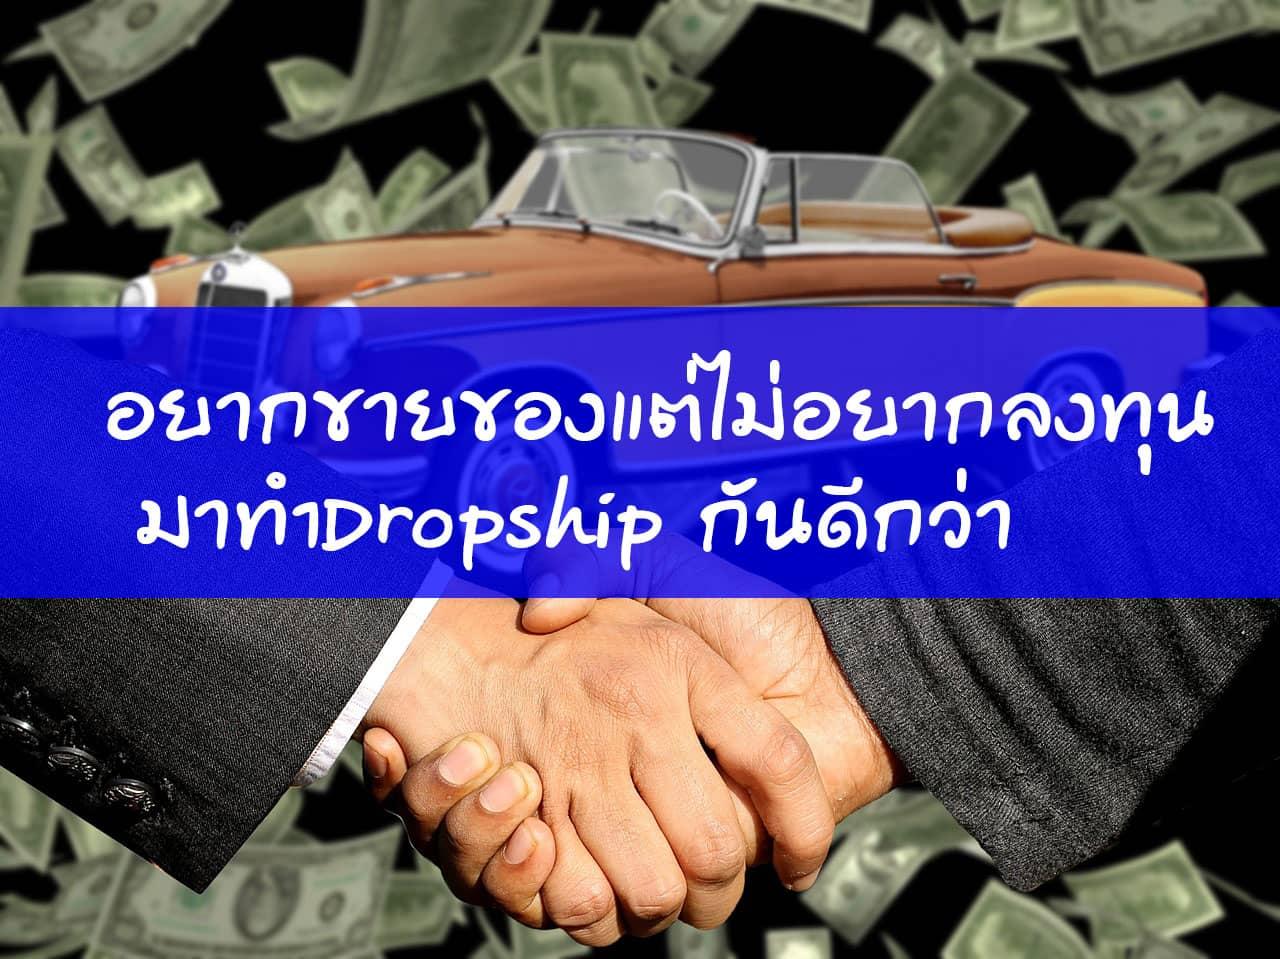 อยากขายของแต่ไม่อยากลงทุน มาทำDropship กันดีกว่า